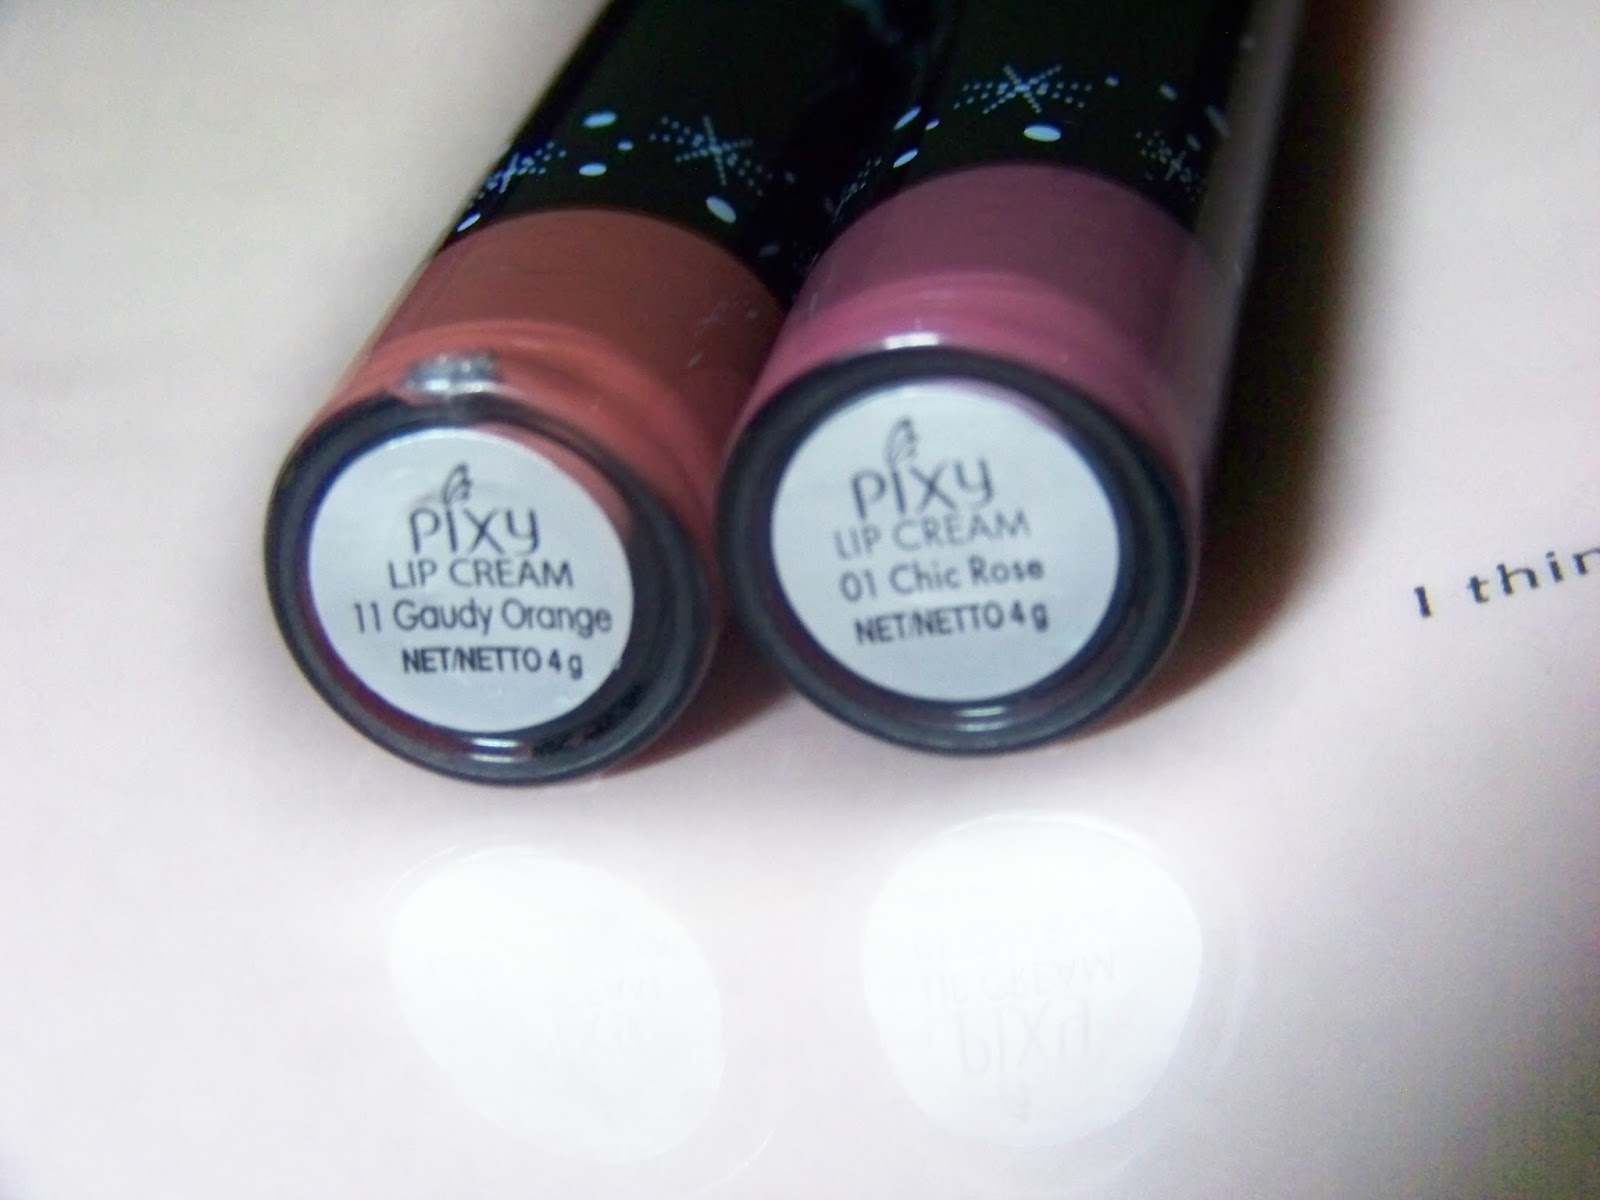 pixy Lip Matte Cream no. 01 dan 11